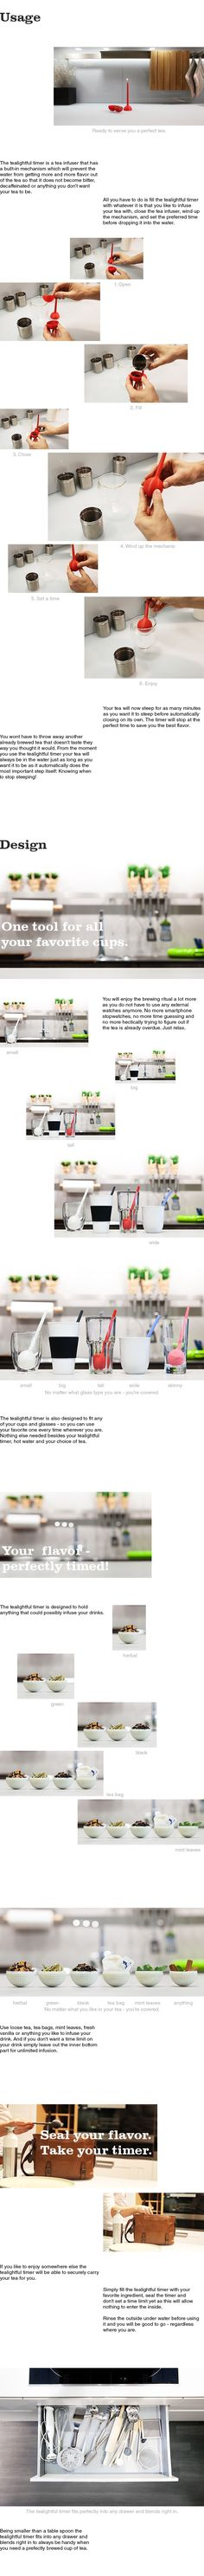 bimetallic strip thermometer Lonely Pinterest - komposteimer für die küche